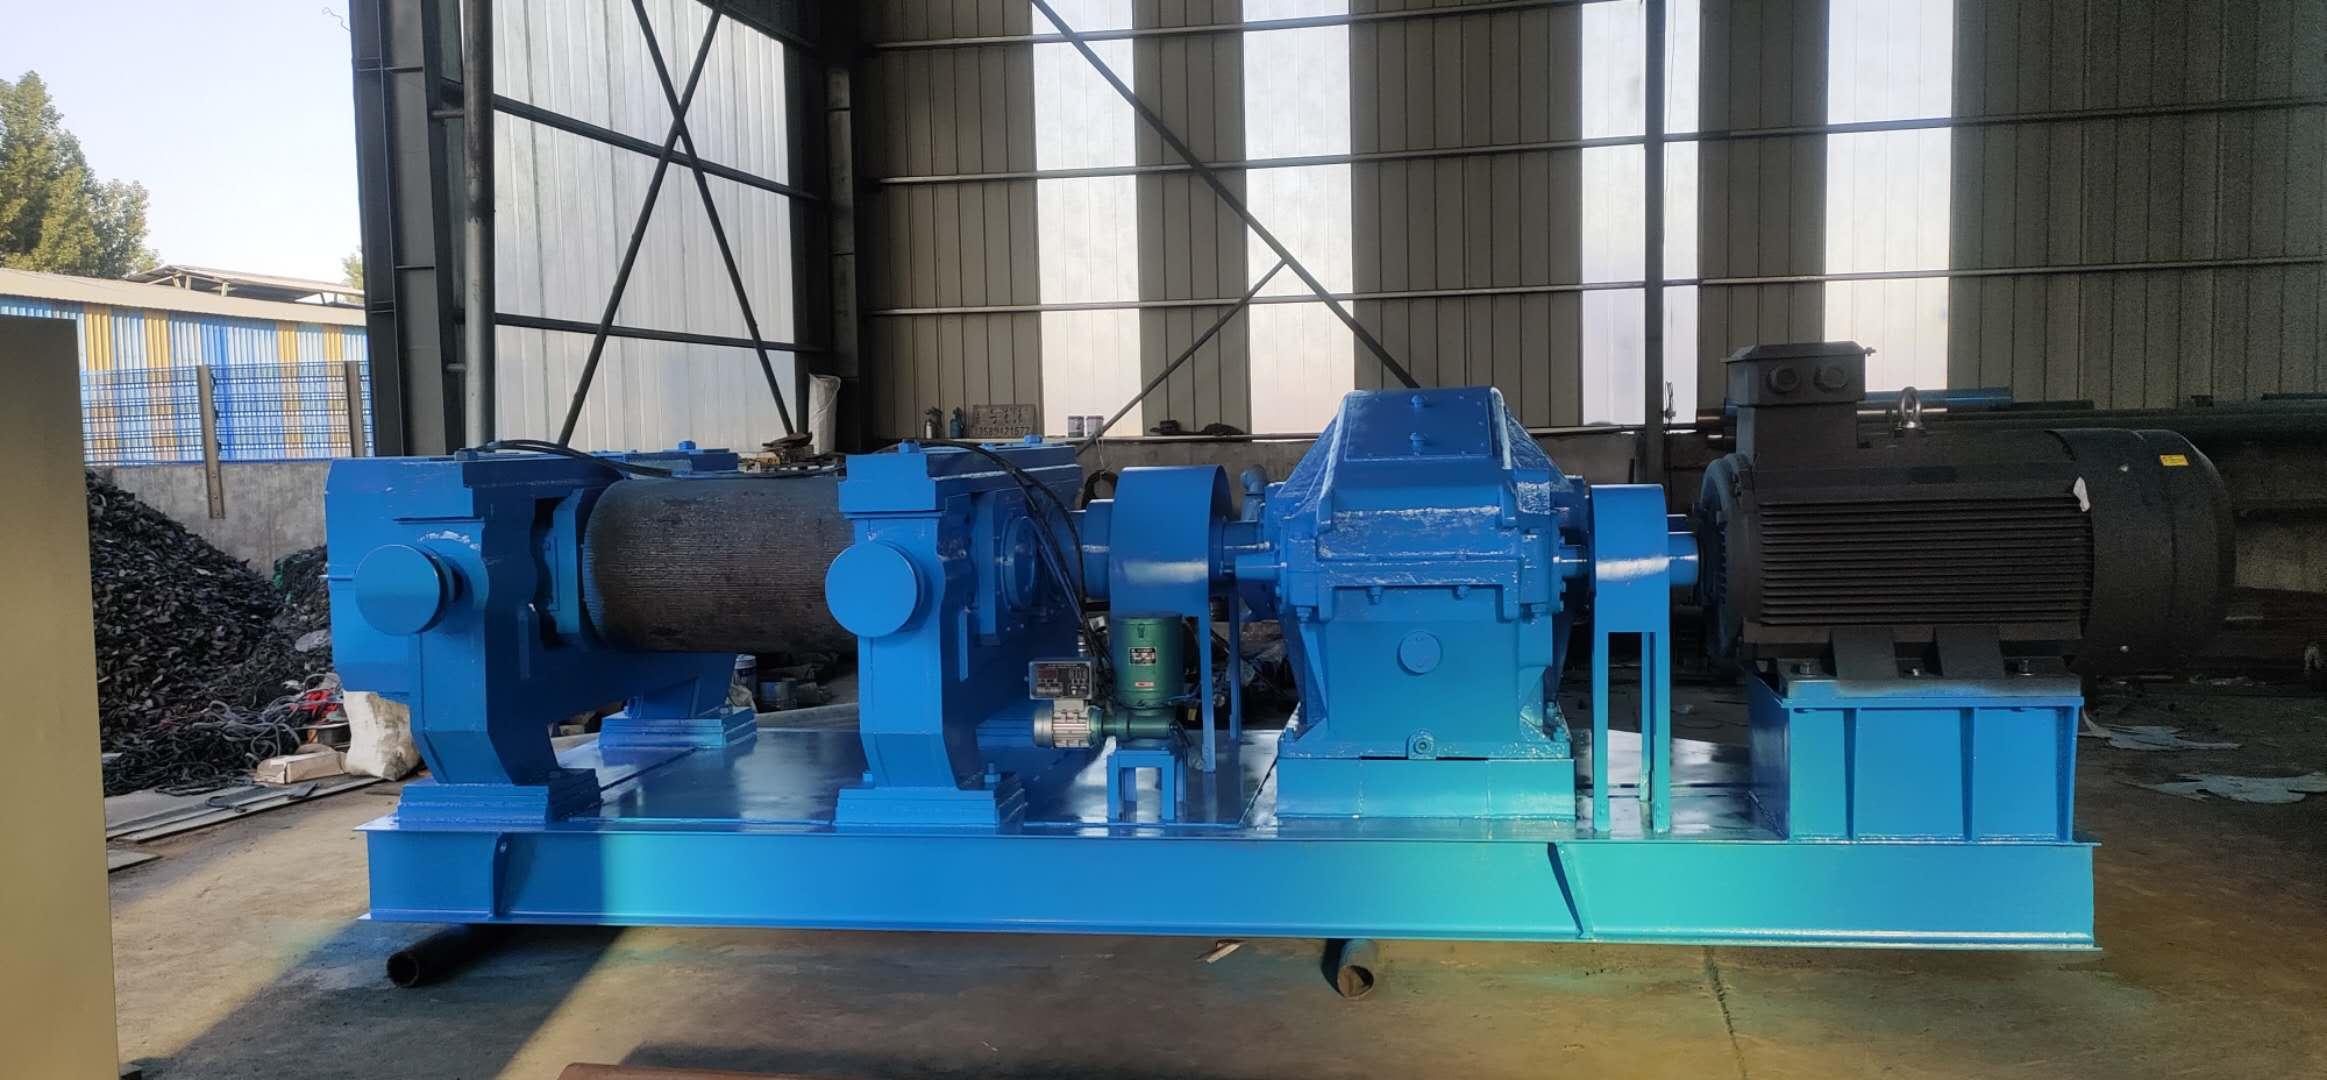 湖北轮胎磨粉机设备_轮胎粉碎机-邹平嘉宇橡胶机械有限公司